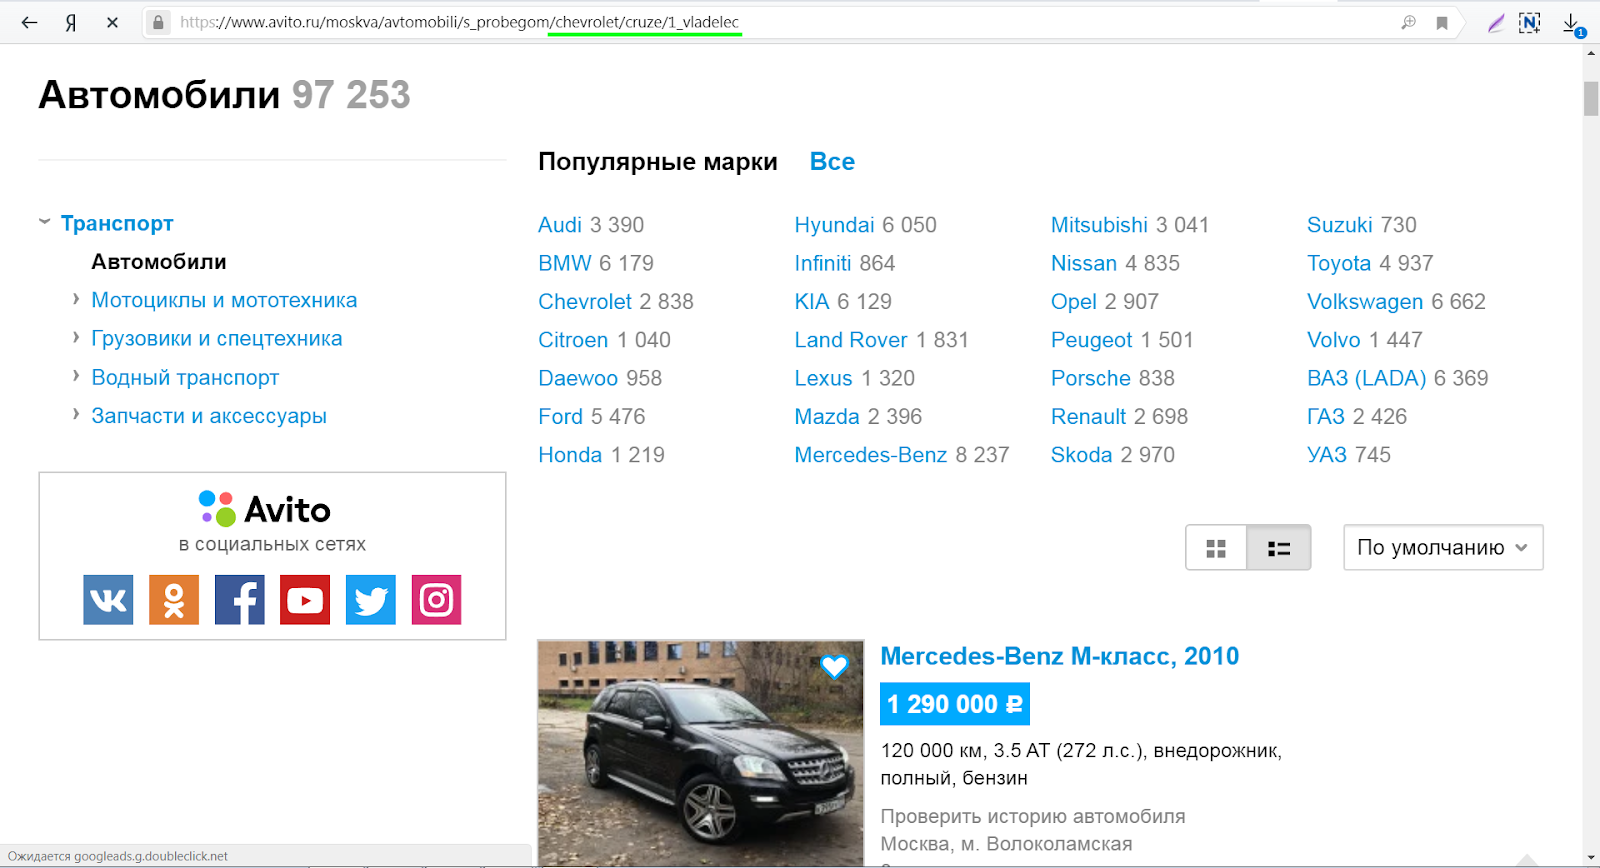 b513ef0e667d Логично предположить, что на странице будут показаны объявления указанных в  ссылке модели и марки авто с одним владельцем. Но не тут-то было.